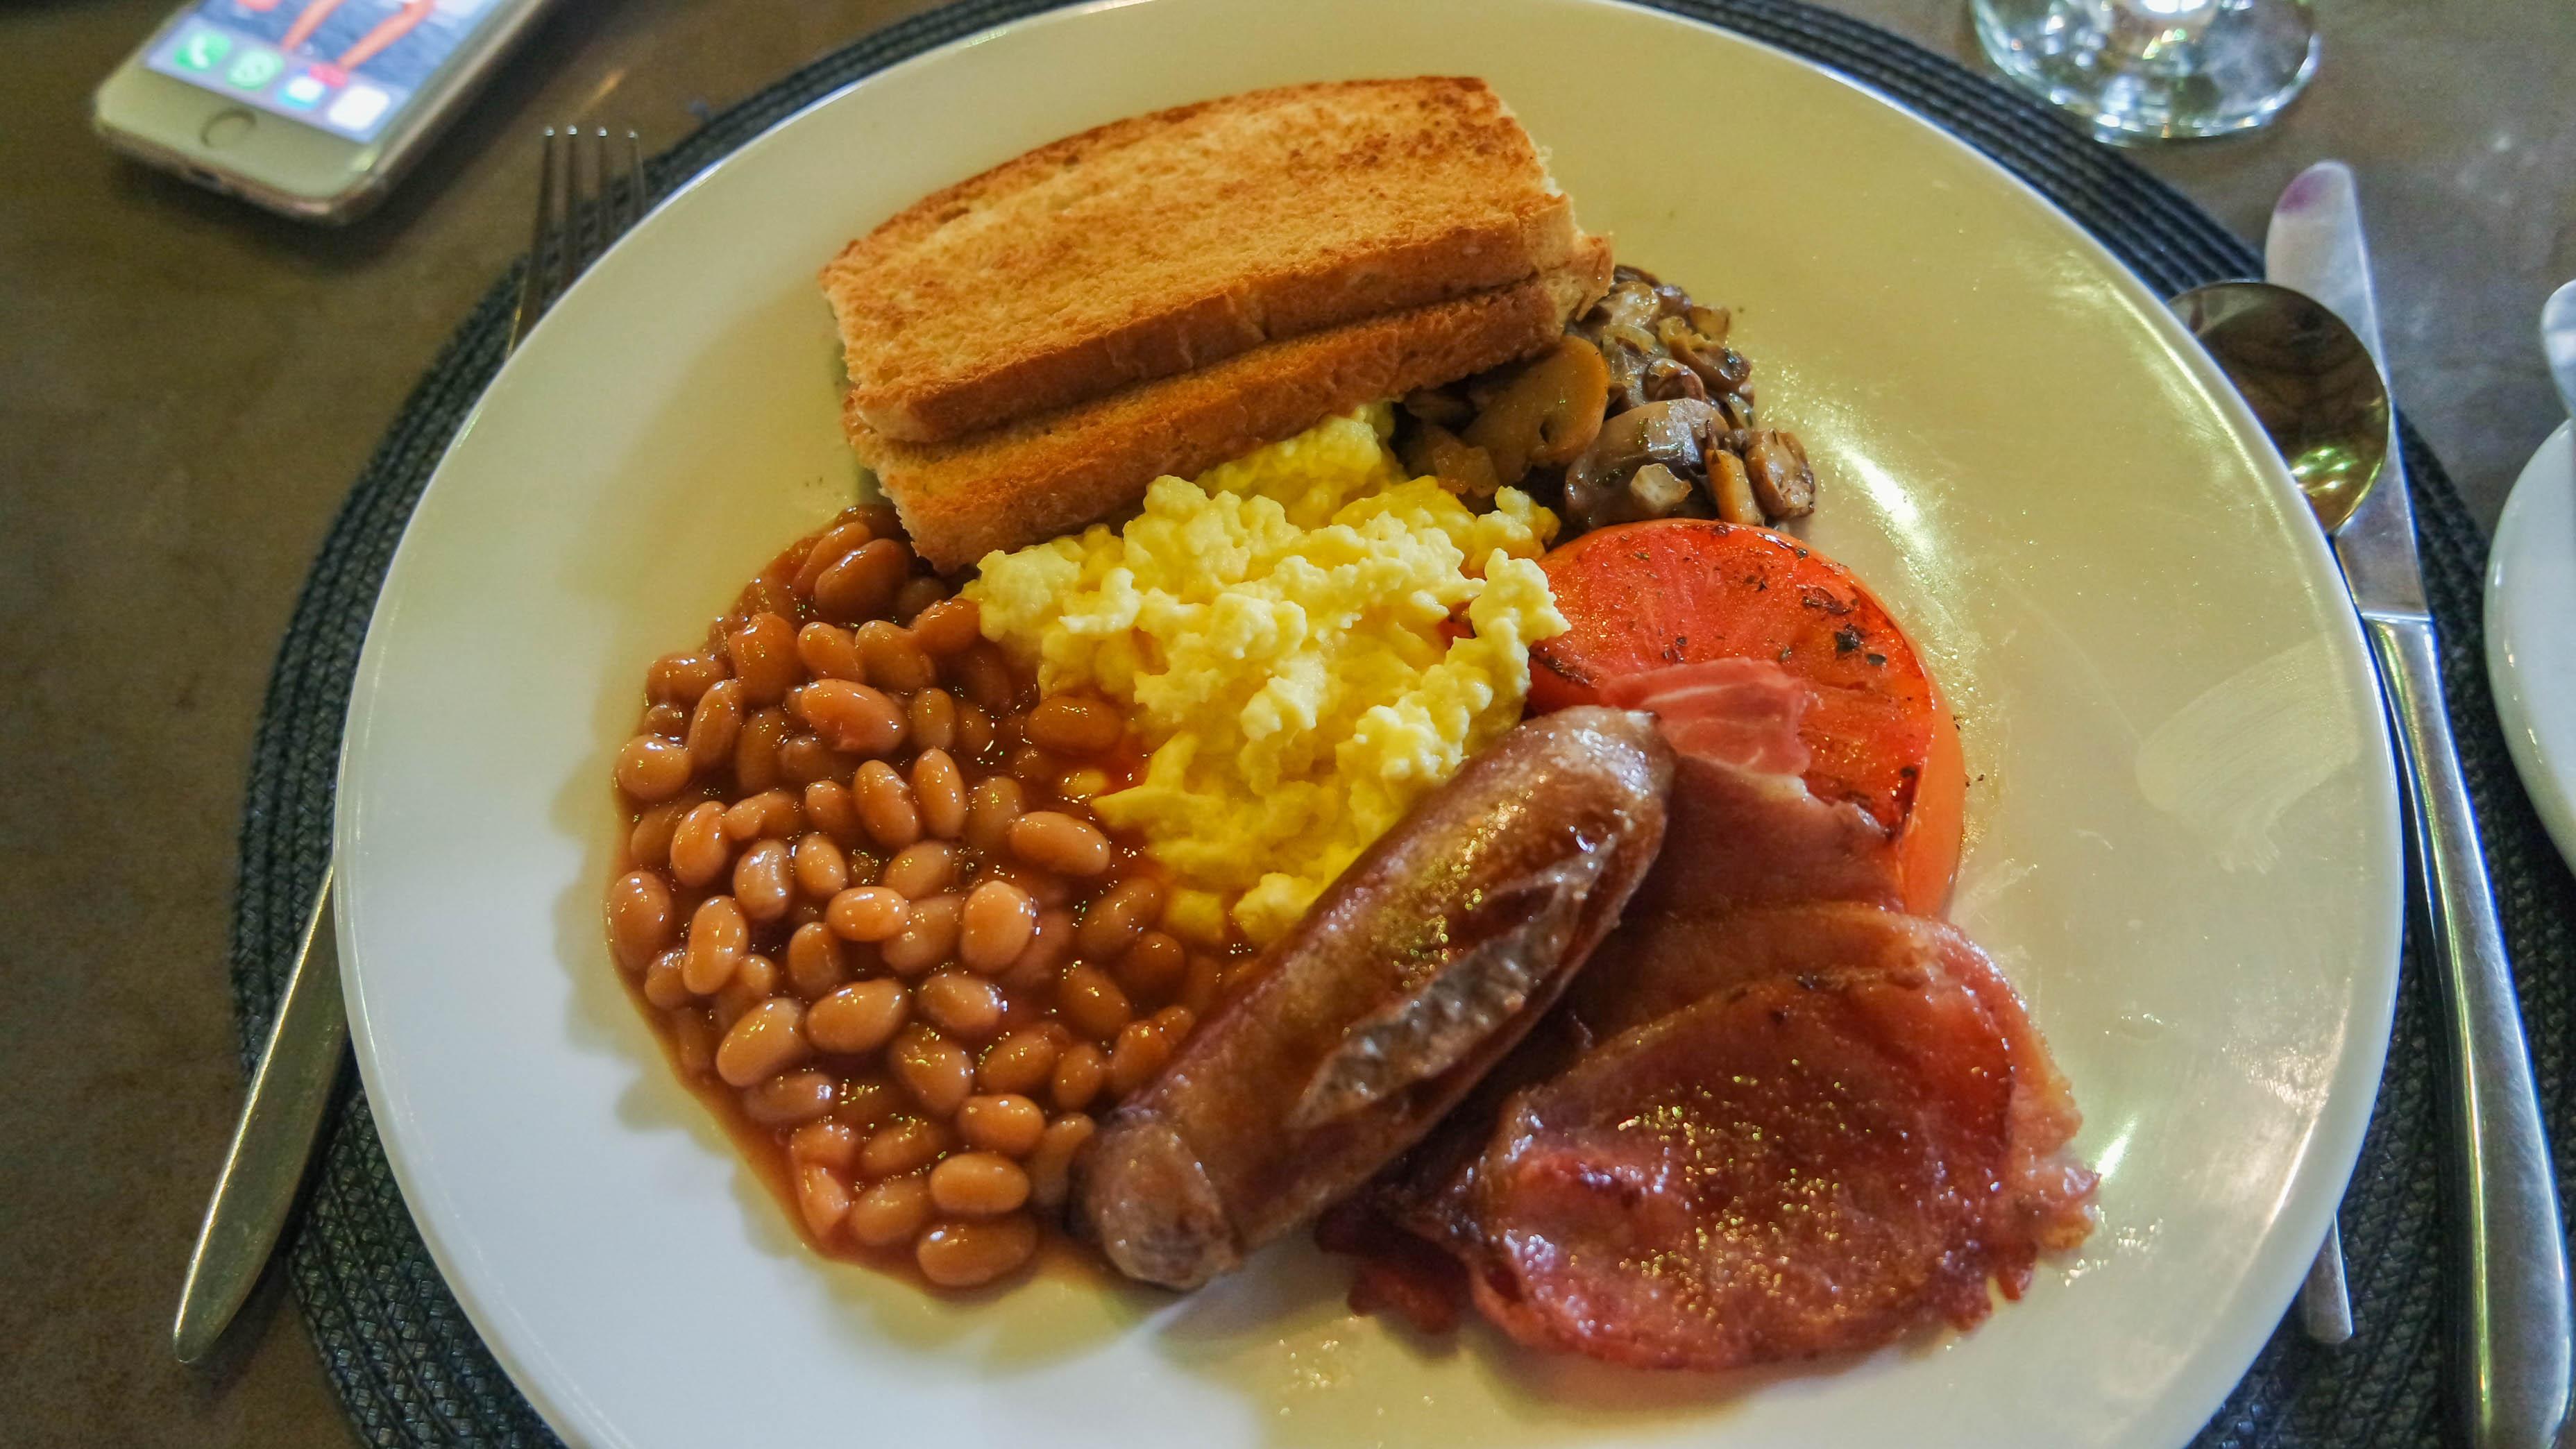 Karkloof safari spa breakfast